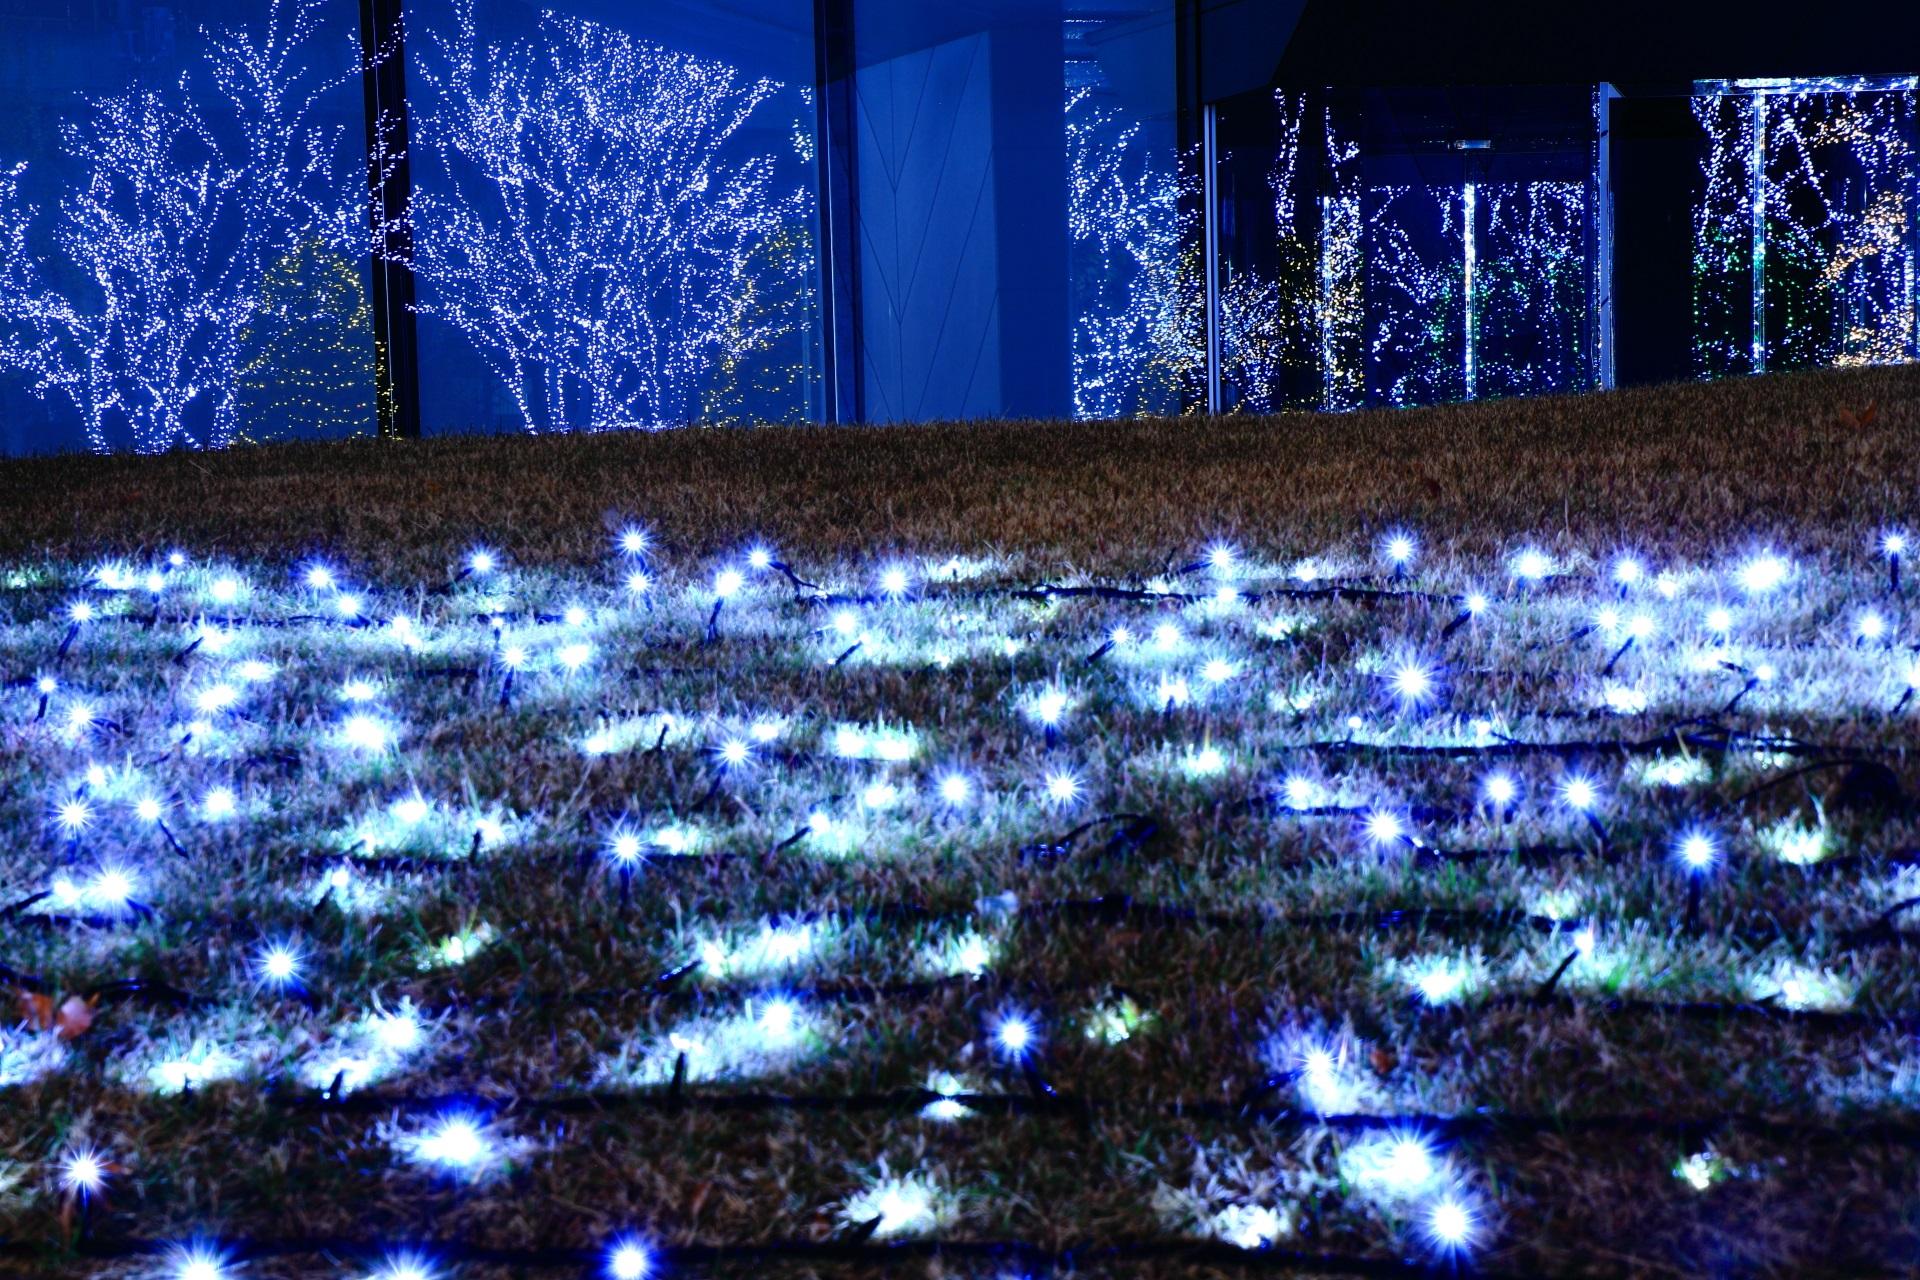 京セラ本社のガラスに反射する灯り